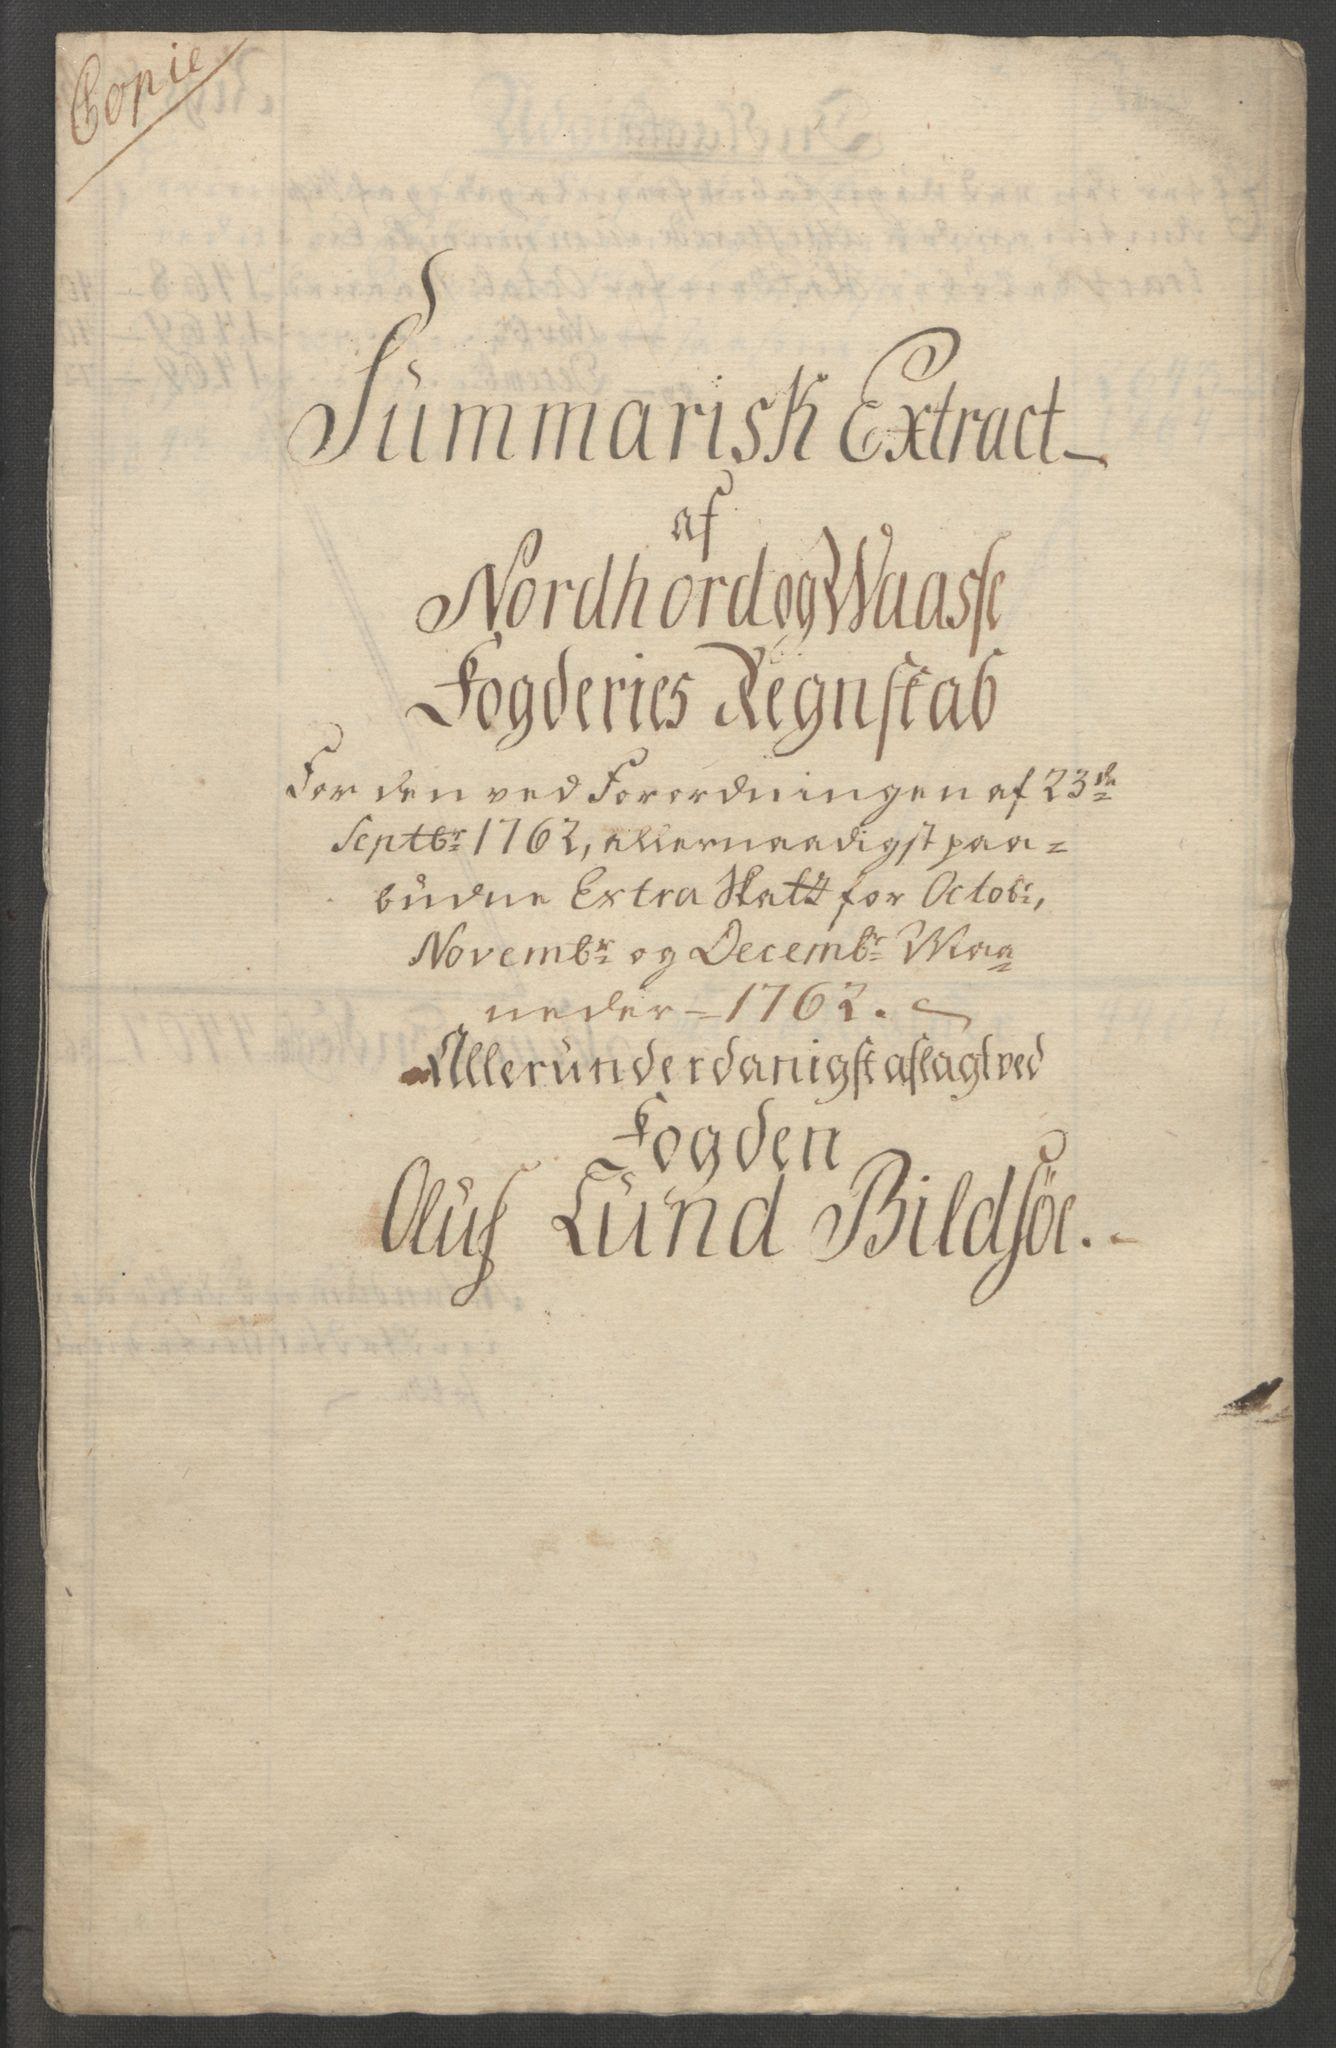 RA, Rentekammeret inntil 1814, Reviderte regnskaper, Fogderegnskap, R51/L3303: Ekstraskatten Nordhordland og Voss, 1762-1772, s. 7